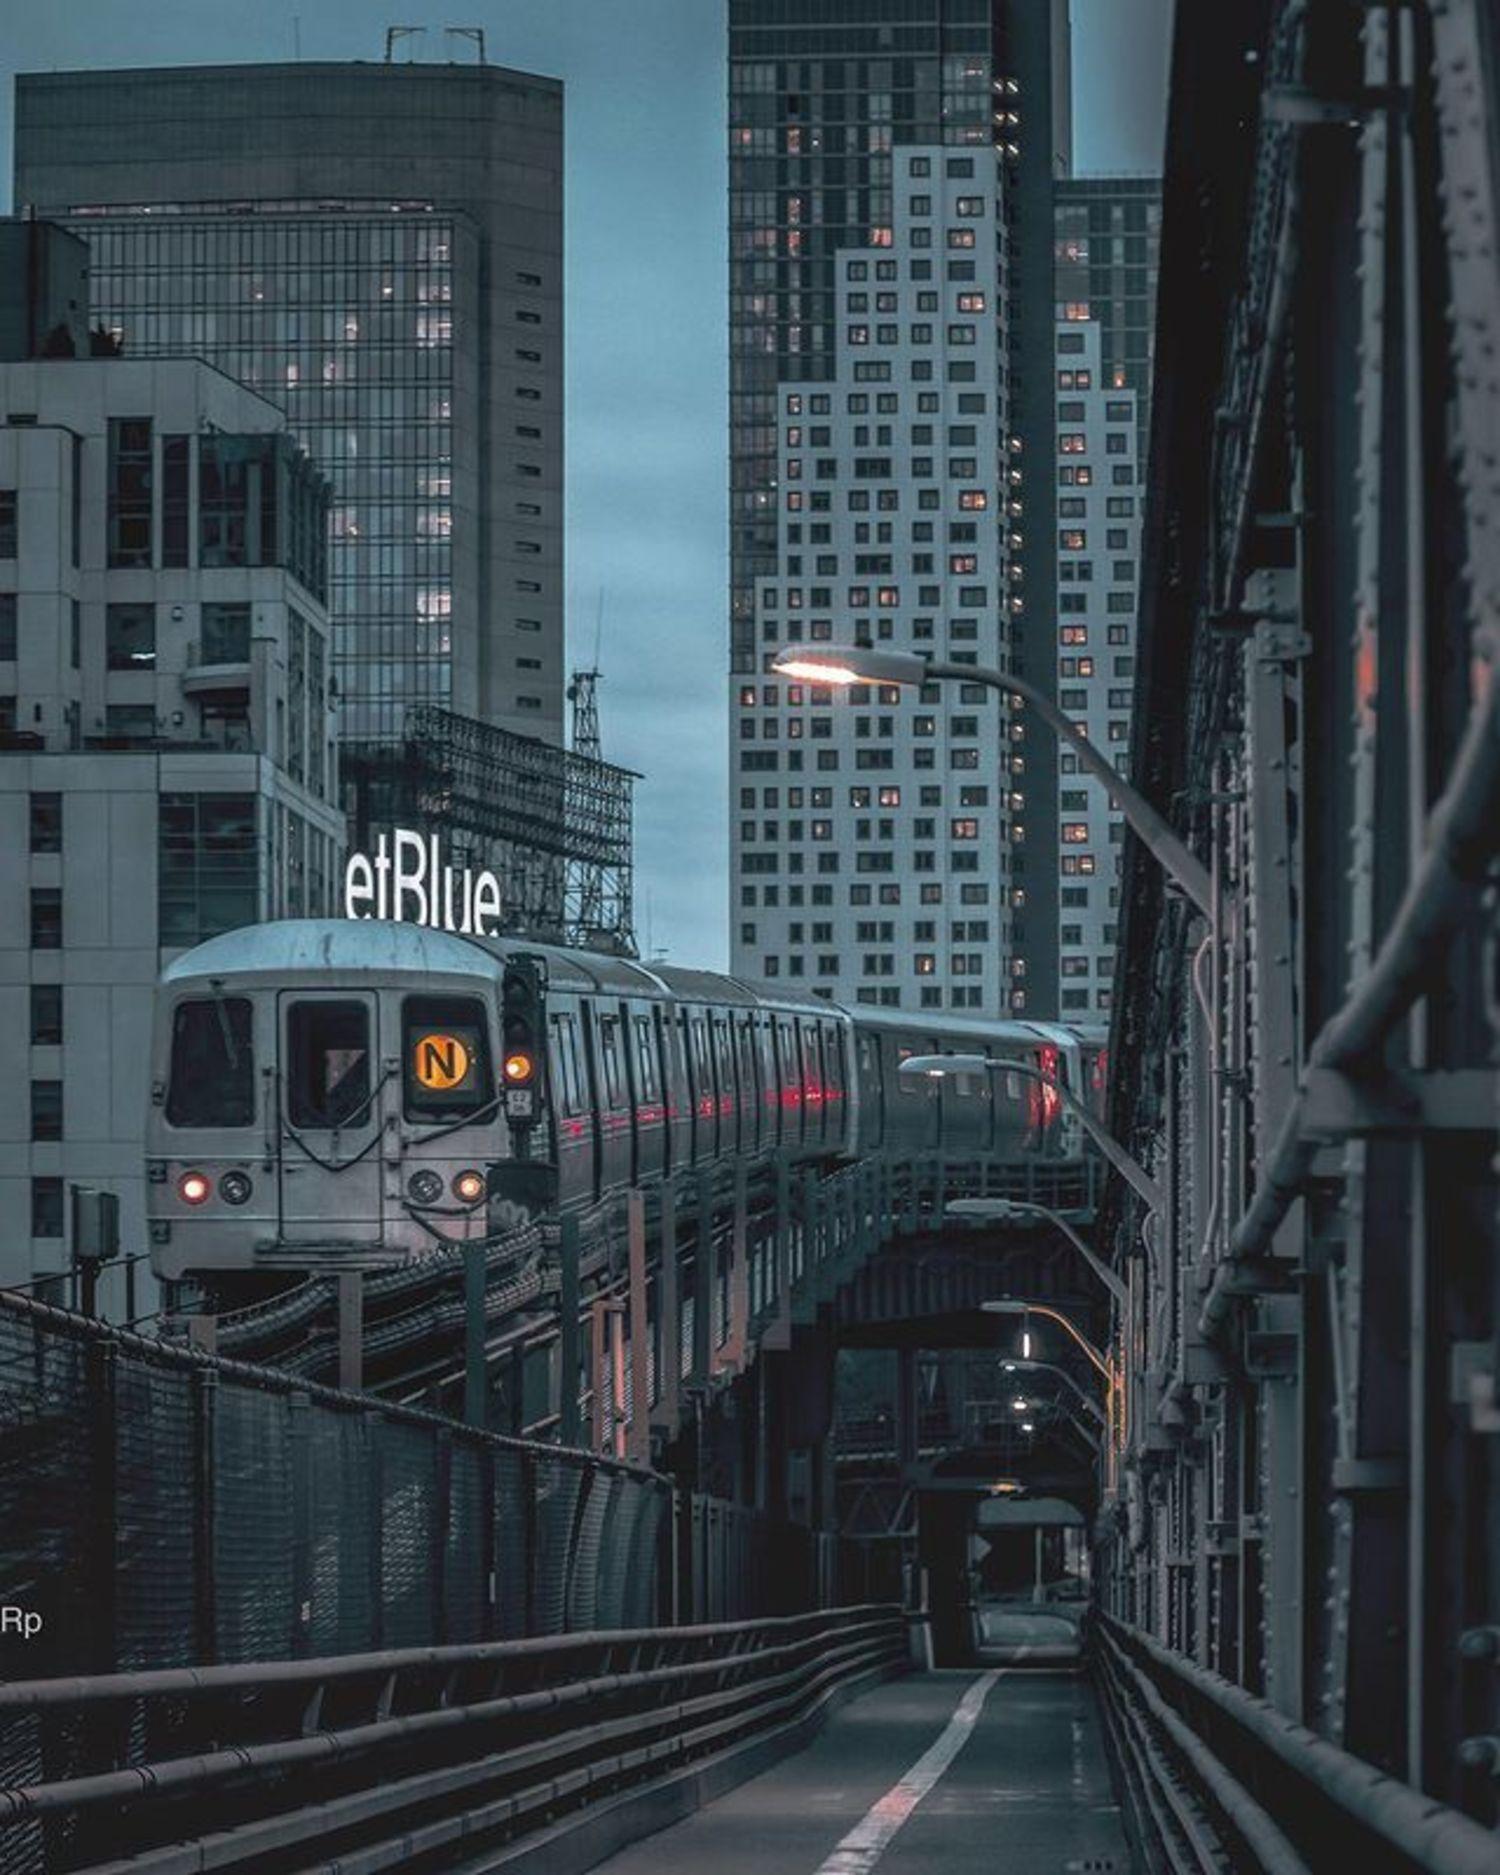 Queensboro Bridge, Queens, New York